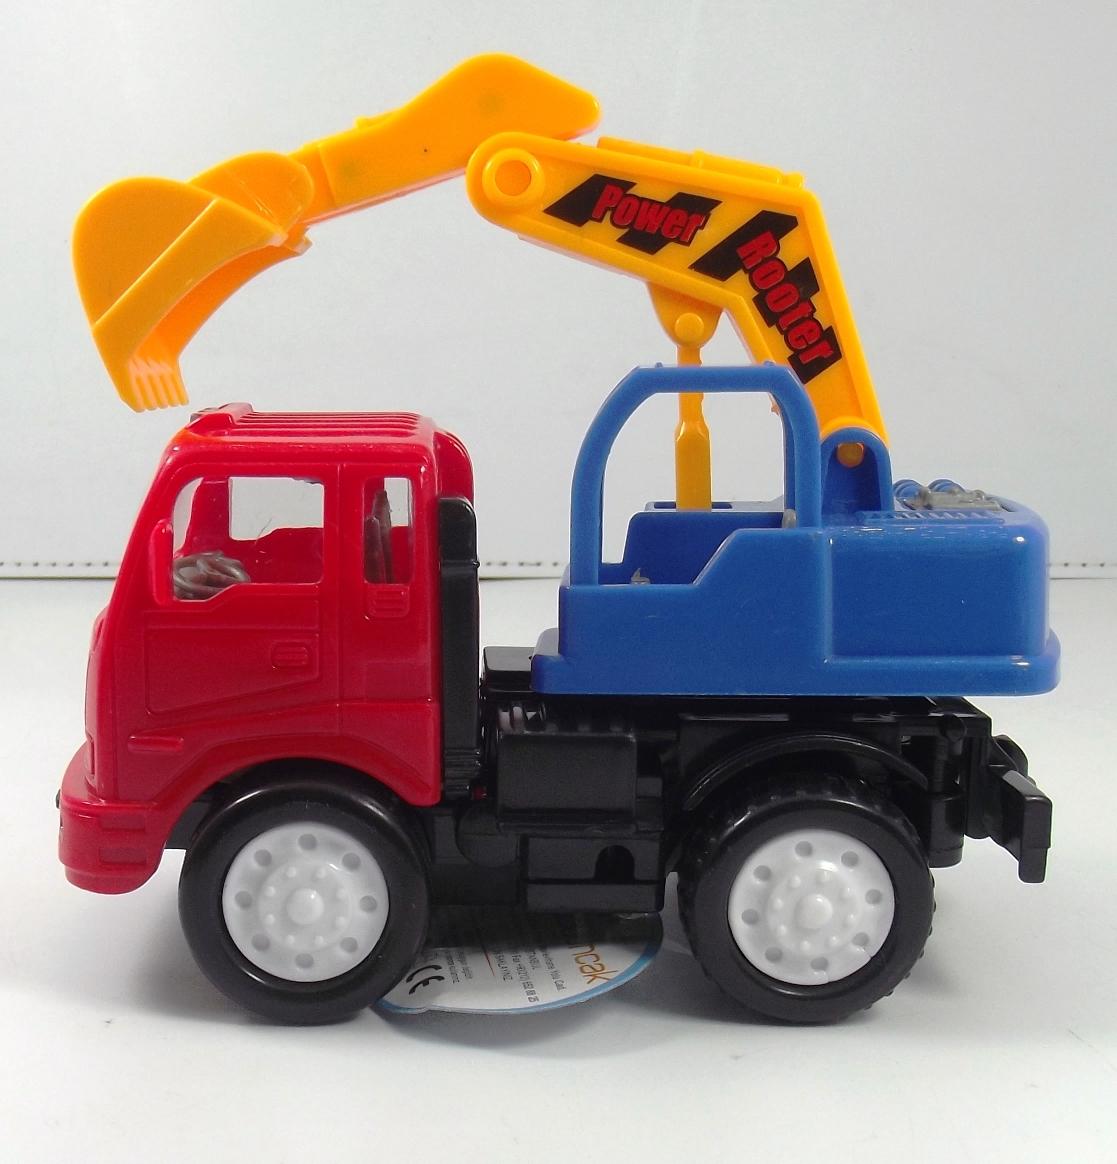 لعبة شاحنة بآلة عمل غير قابلة للكسر